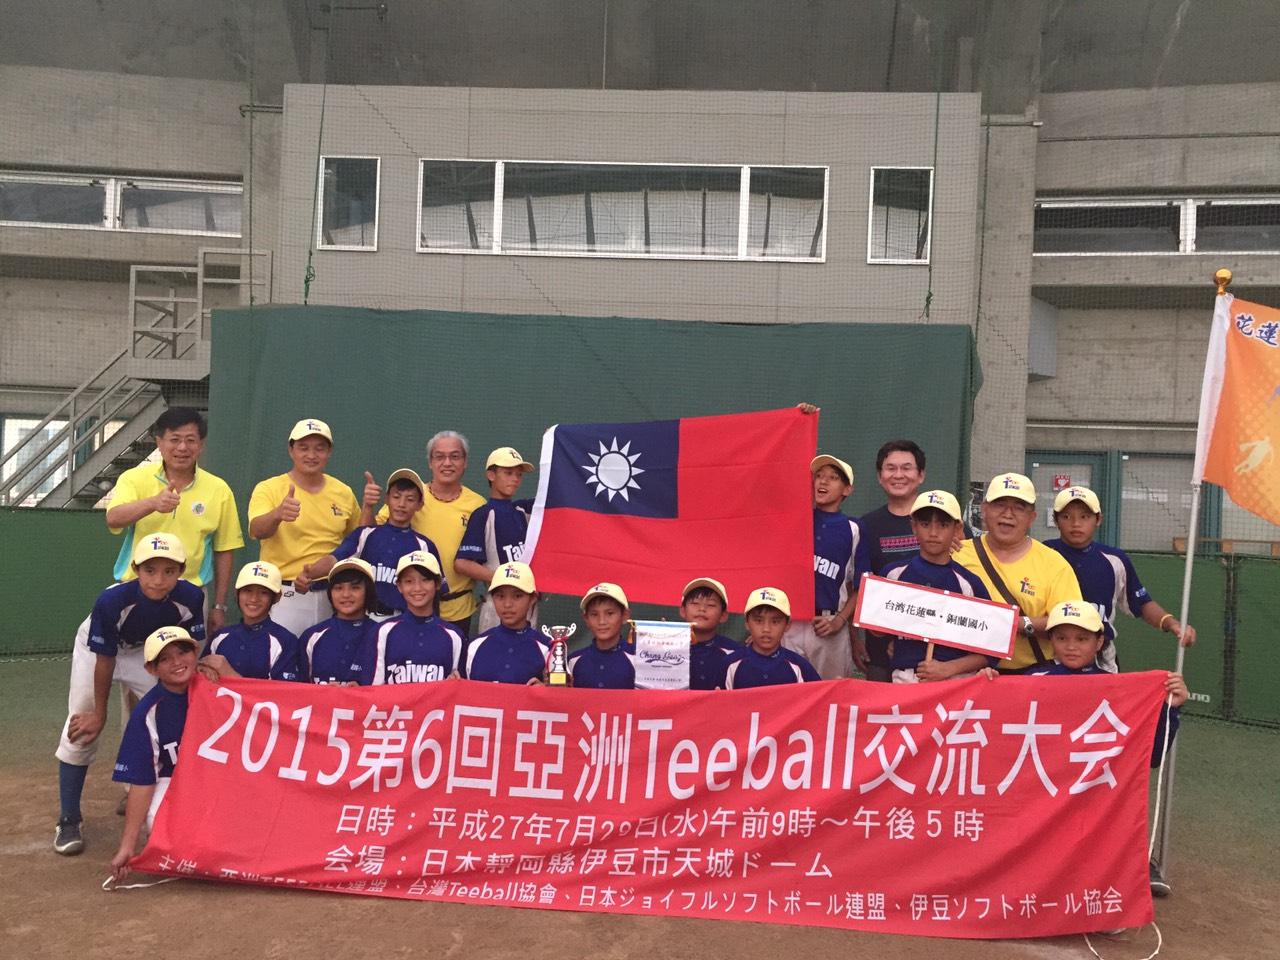 第七屆三商美邦人壽盃Teeball全國樂樂棒球錦標賽開始報名